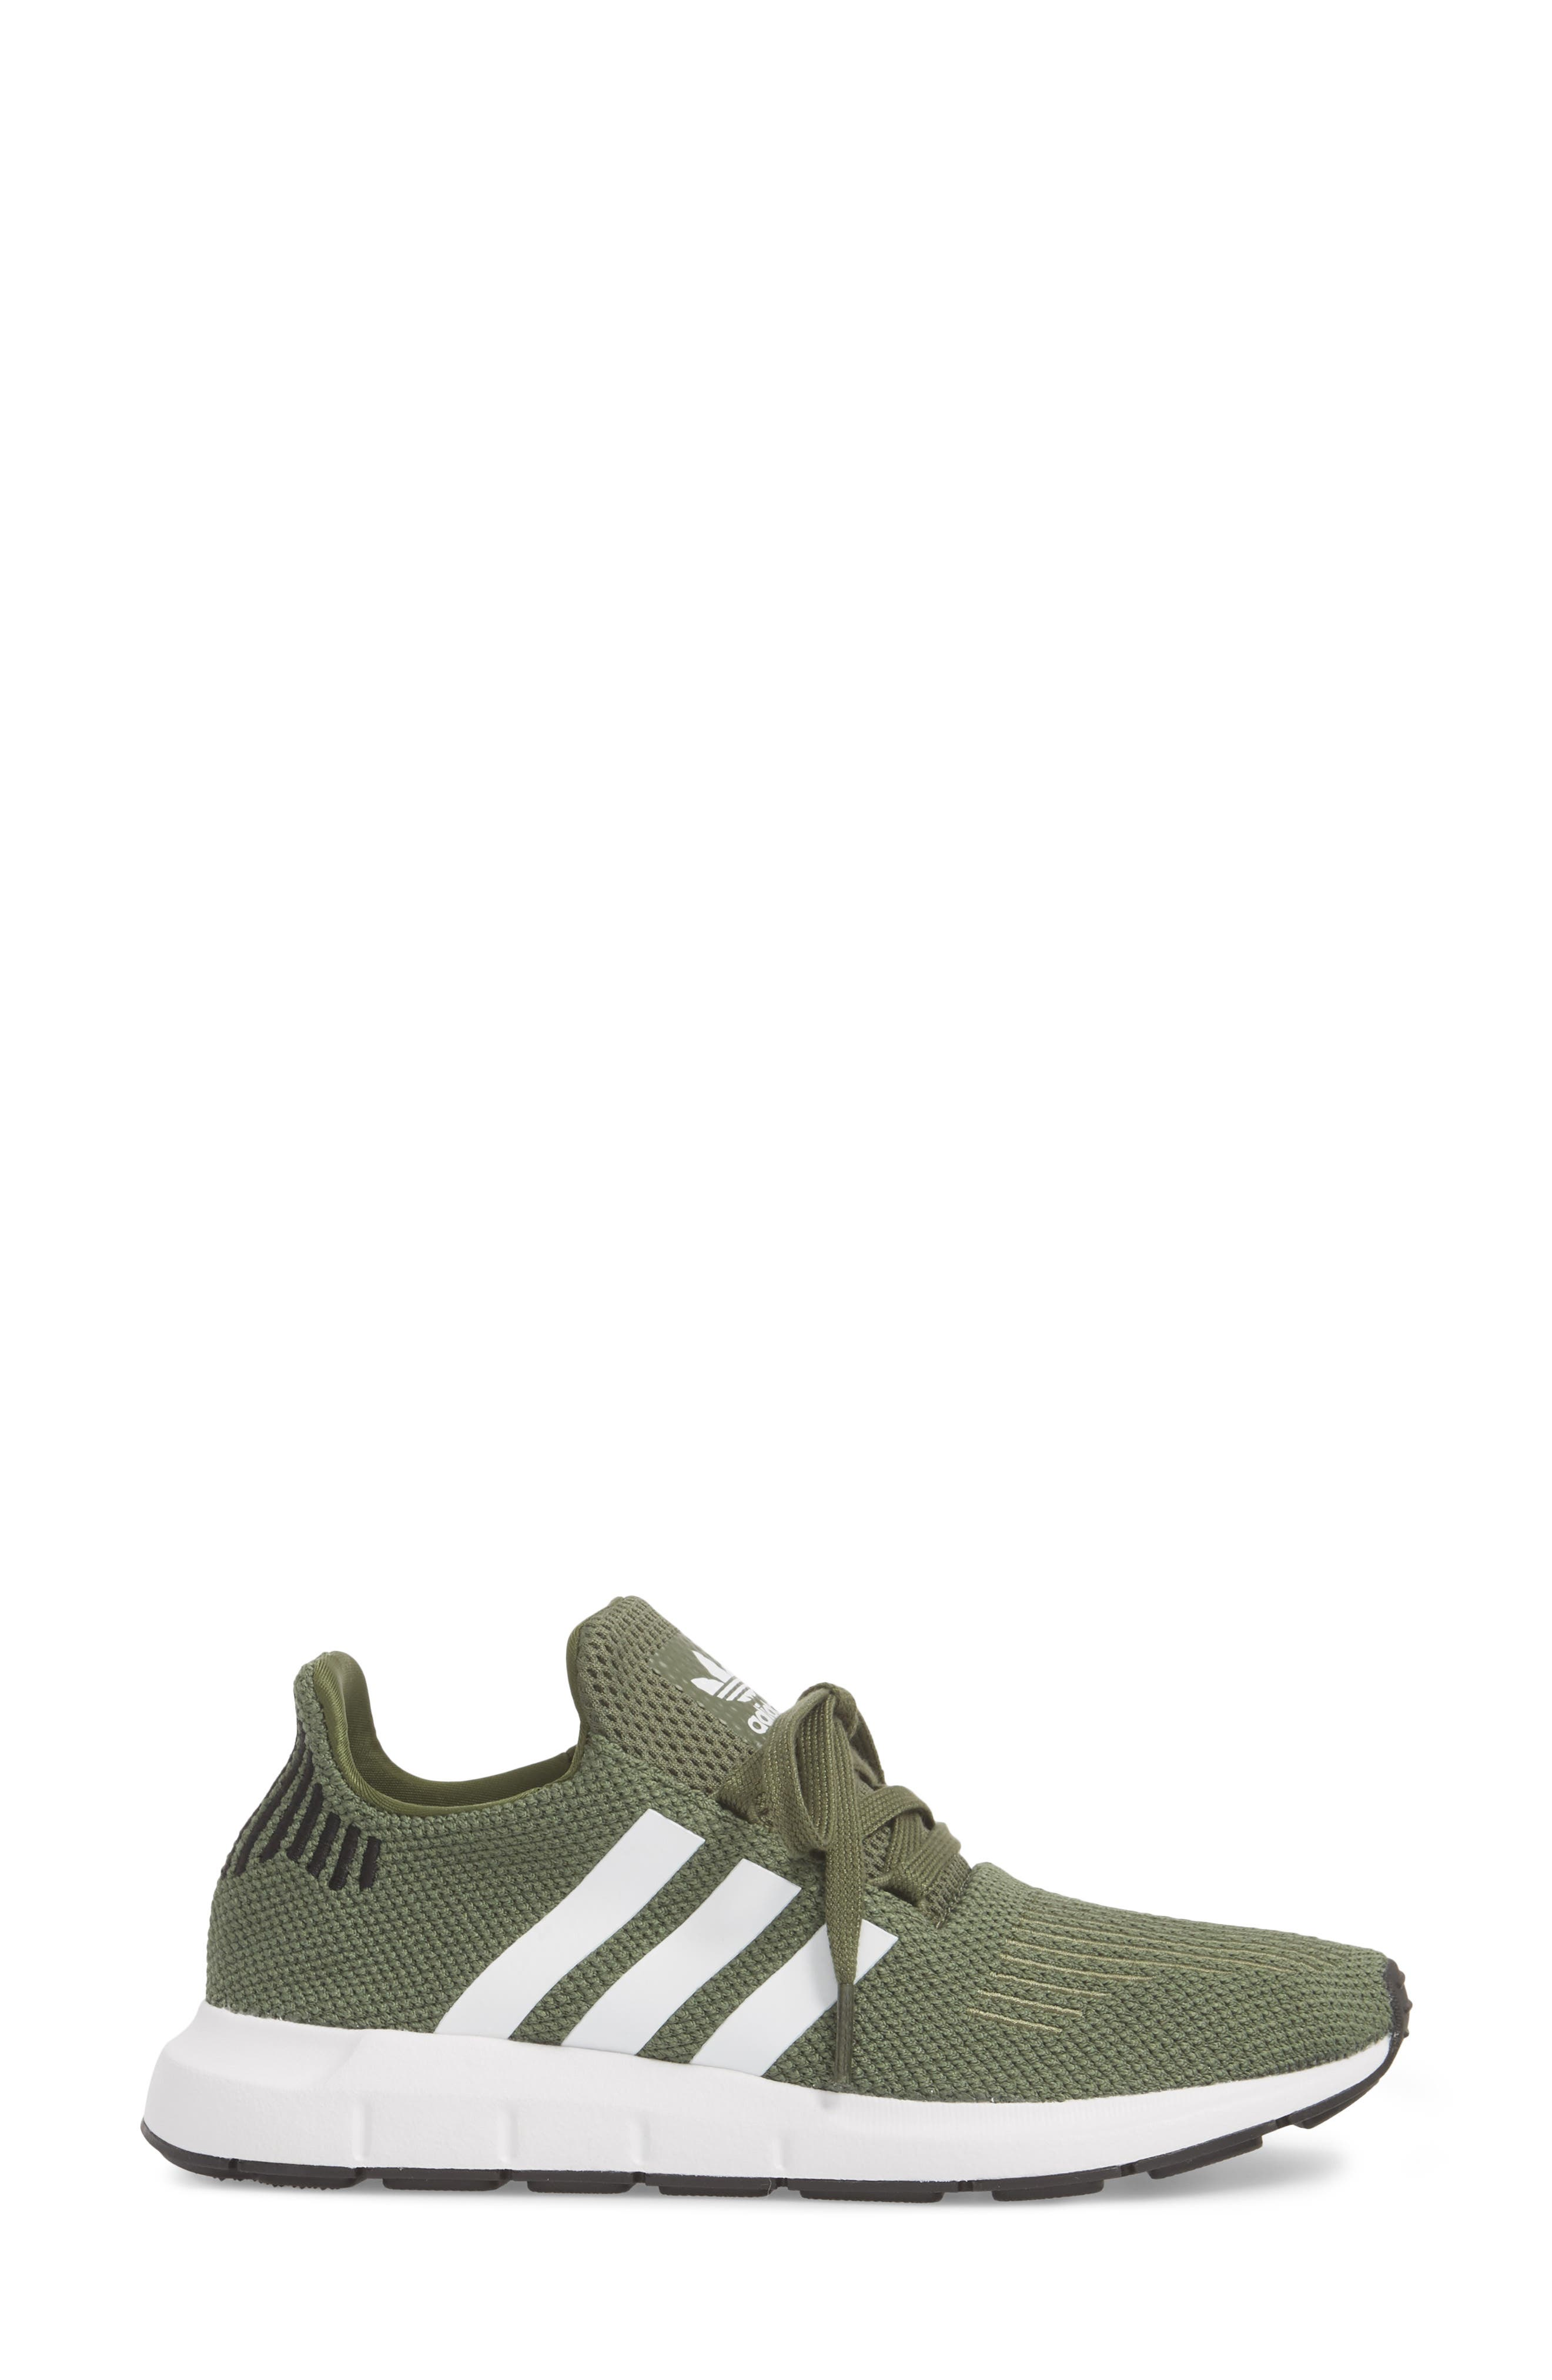 Swift Run Sneaker,                             Alternate thumbnail 4, color,                             Base Green/ White/ Black